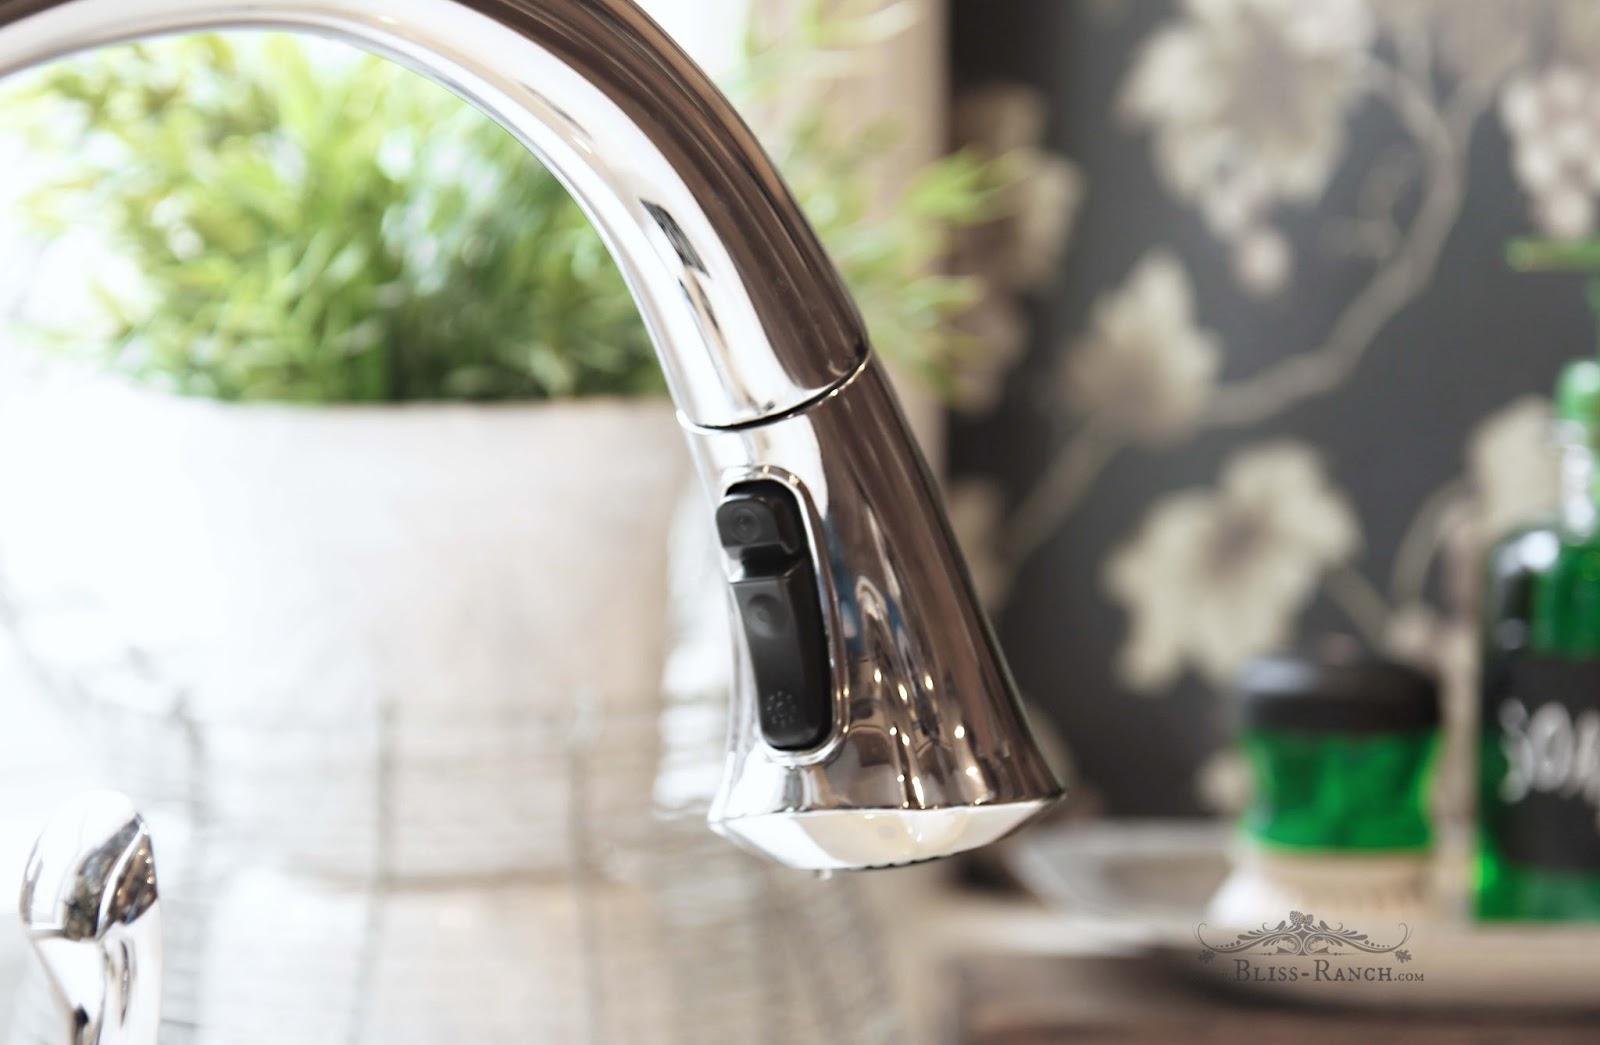 Touch Flow Delta Faucet Build.com Bliss-Ranch.com